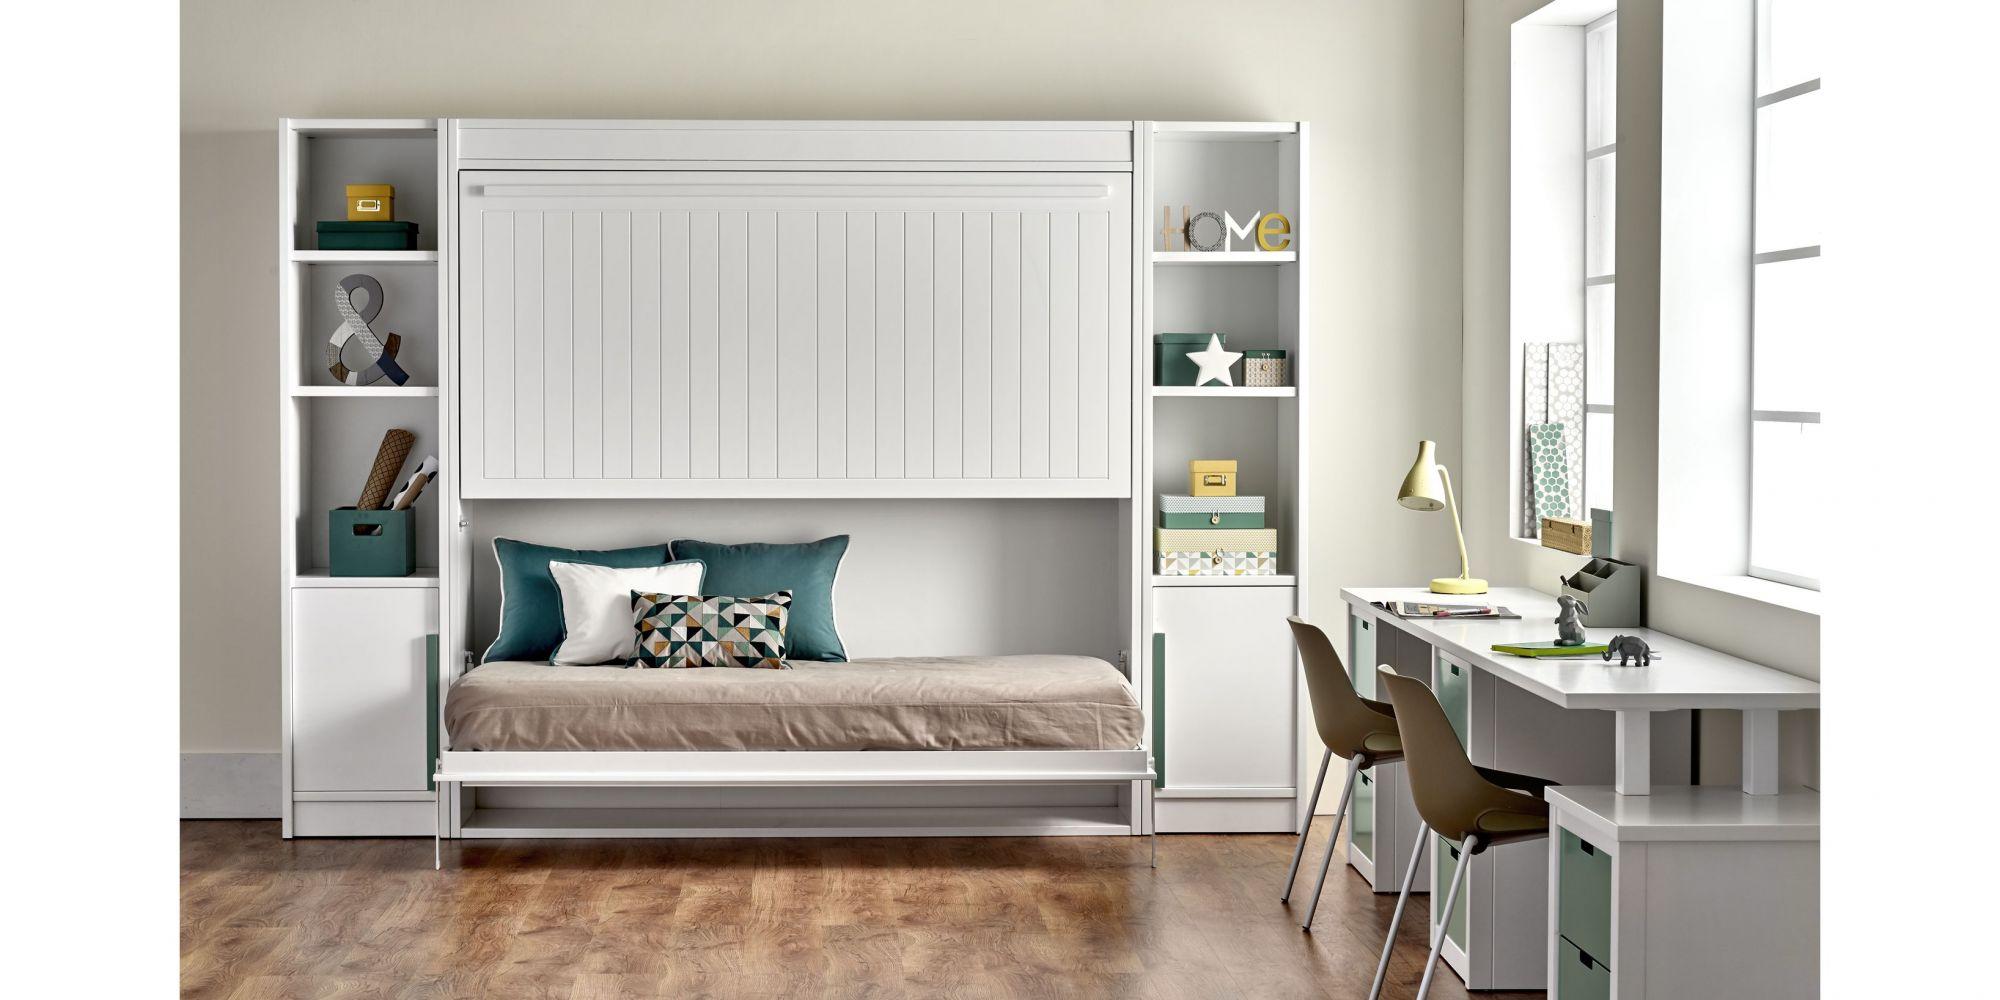 Habitación con litera abatible de dos camas y zona de estudio